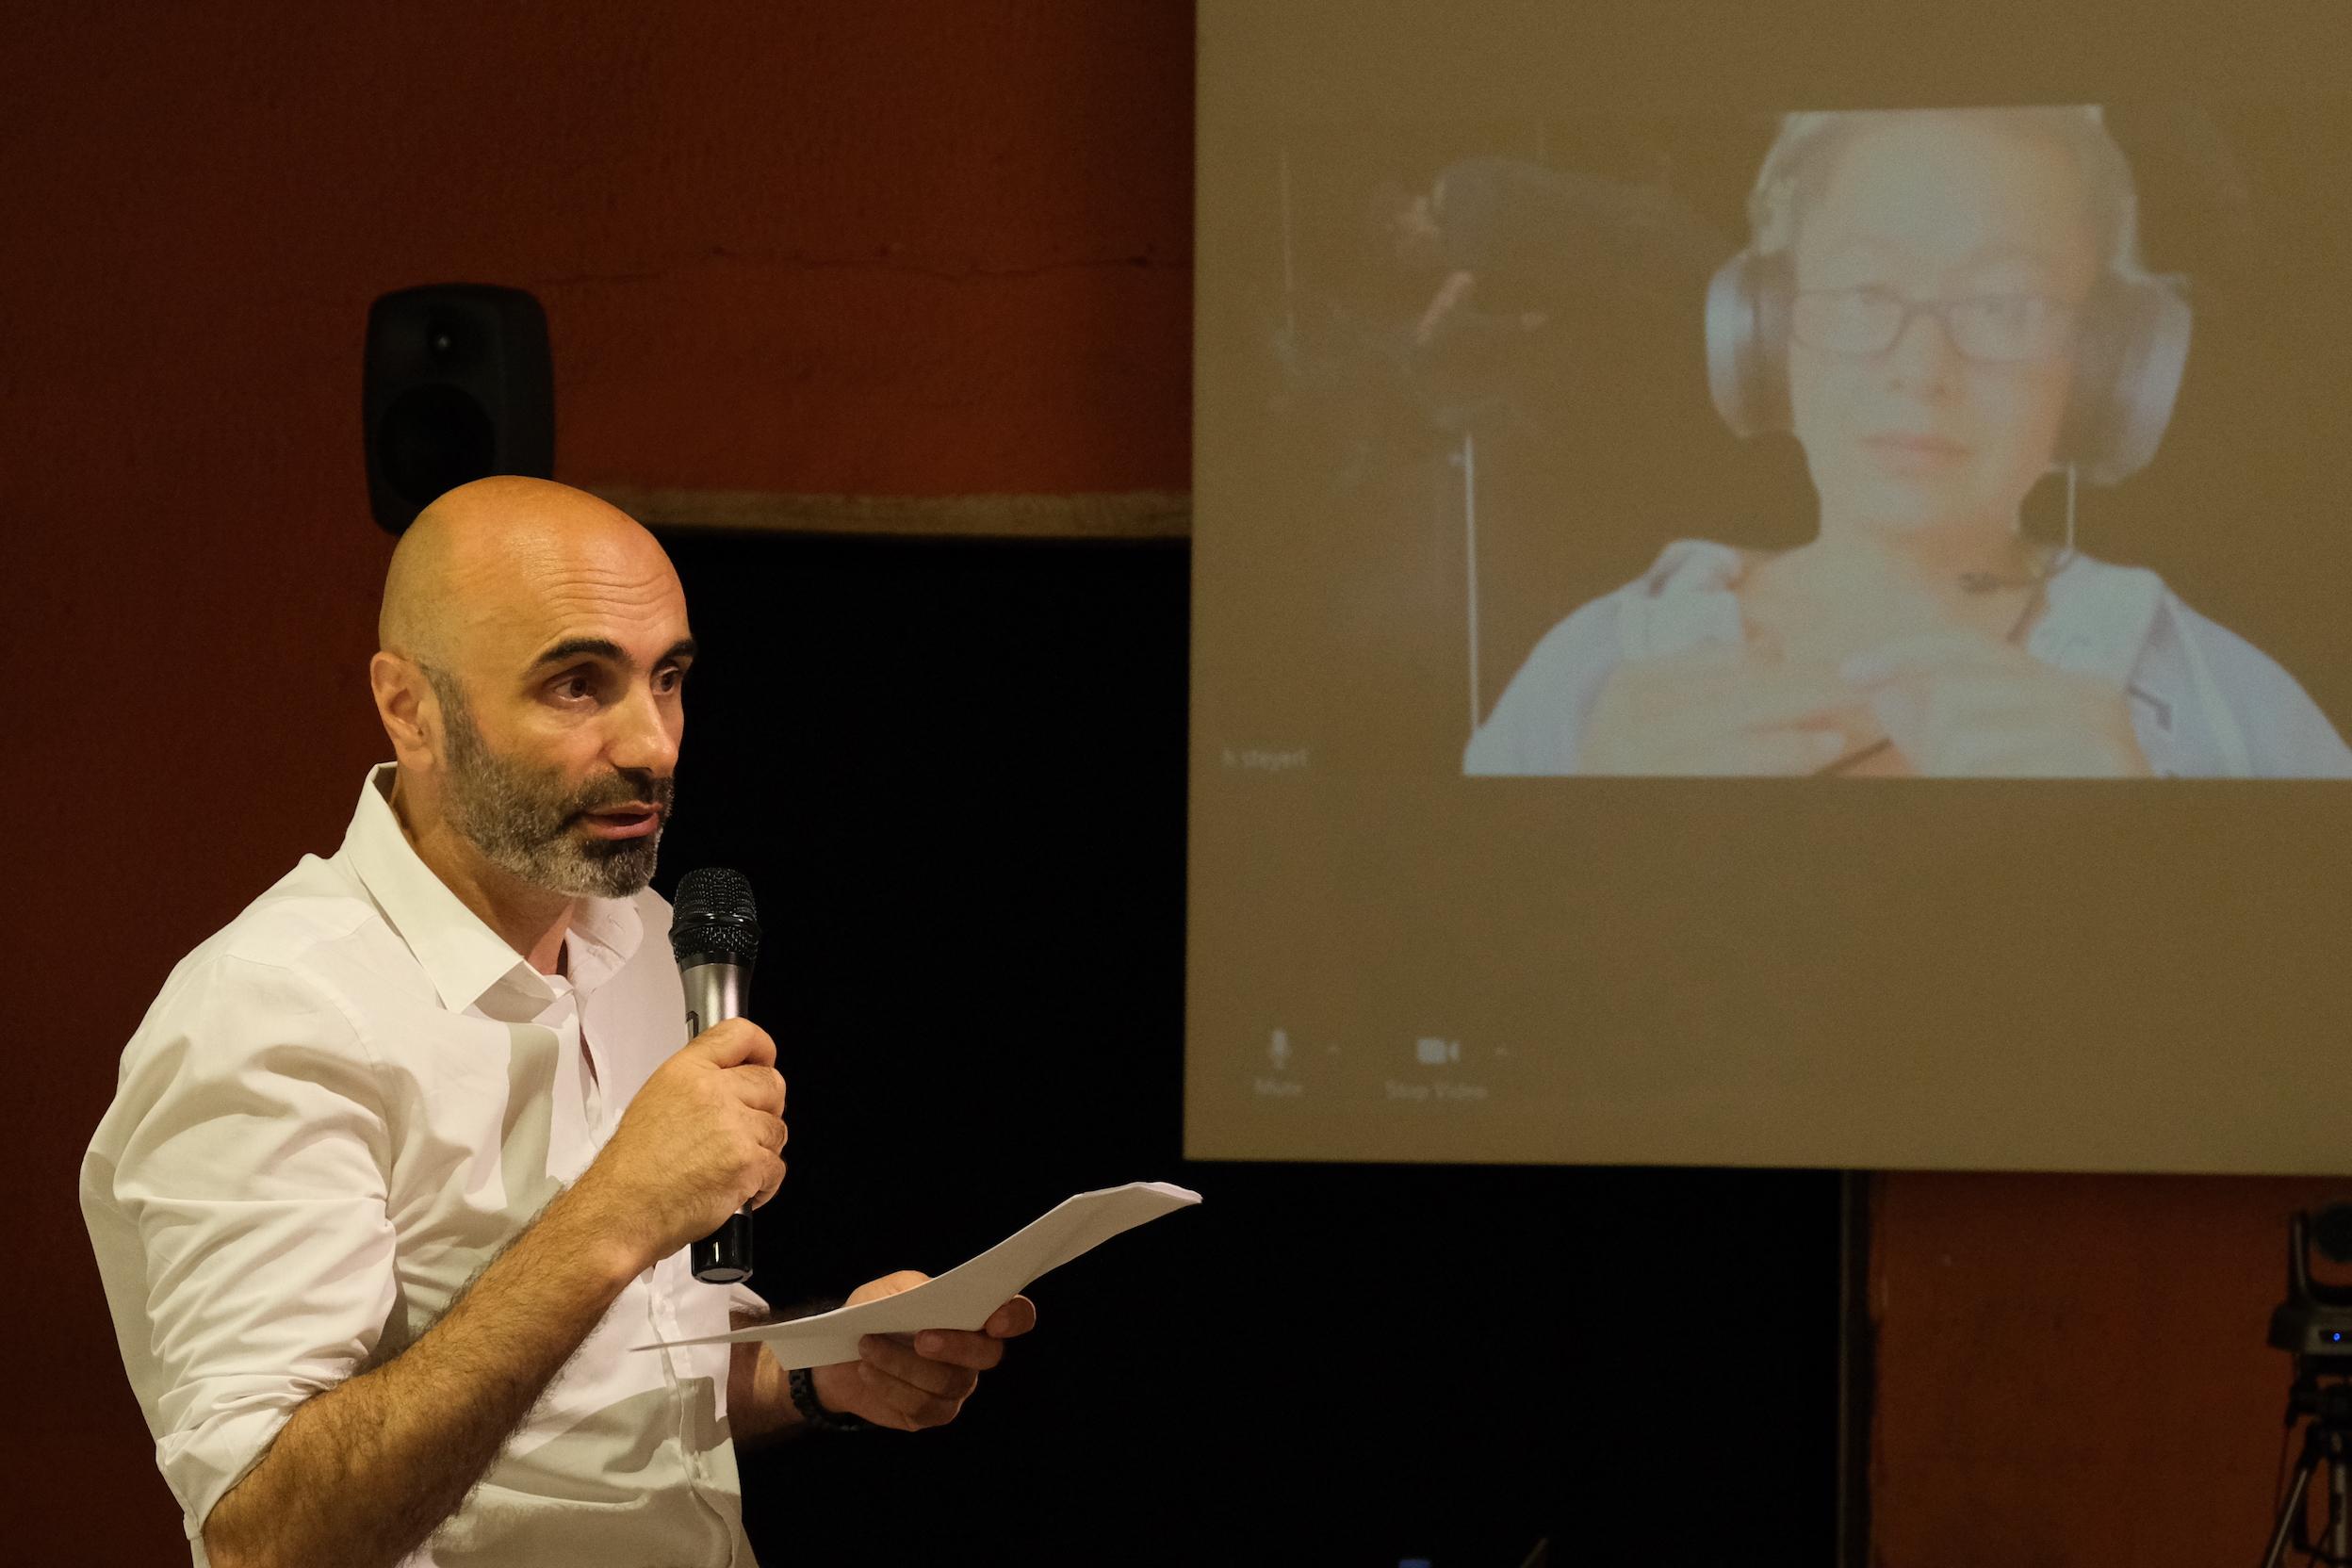 Hito Steyerl: Public Lecture